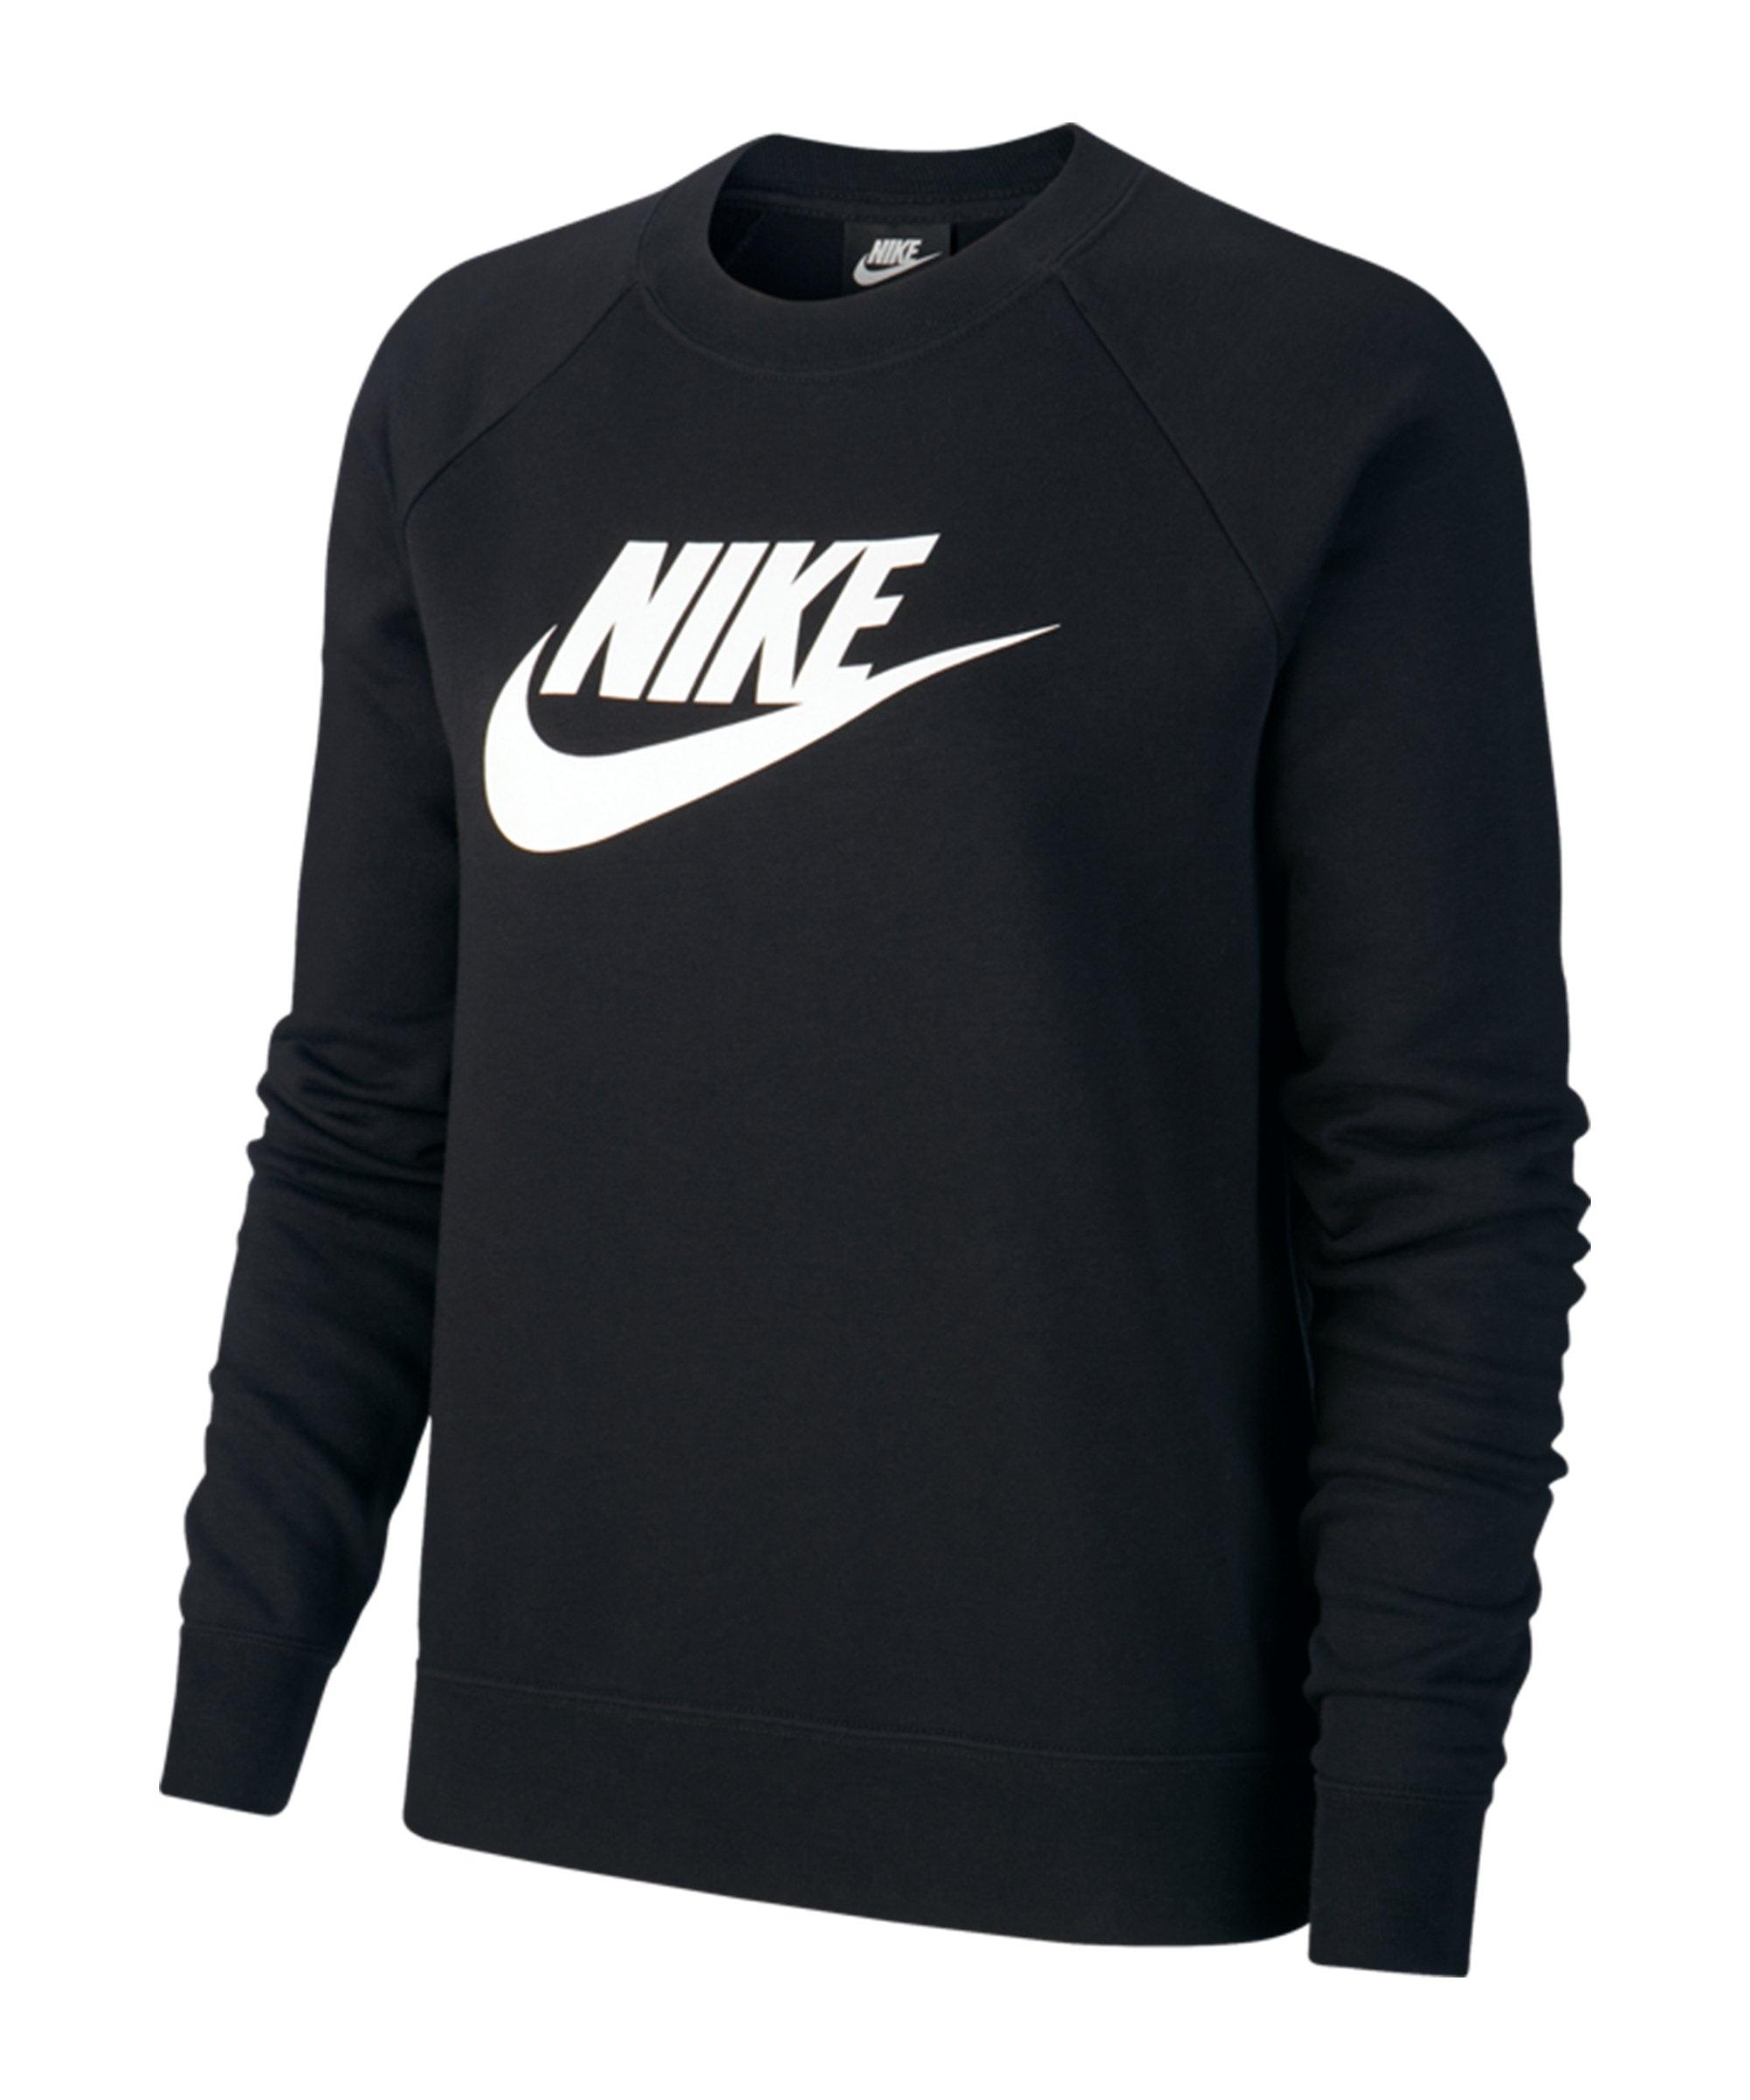 Nike Crew Fleece Sweatshirt Damen Schwarz F010 - schwarz